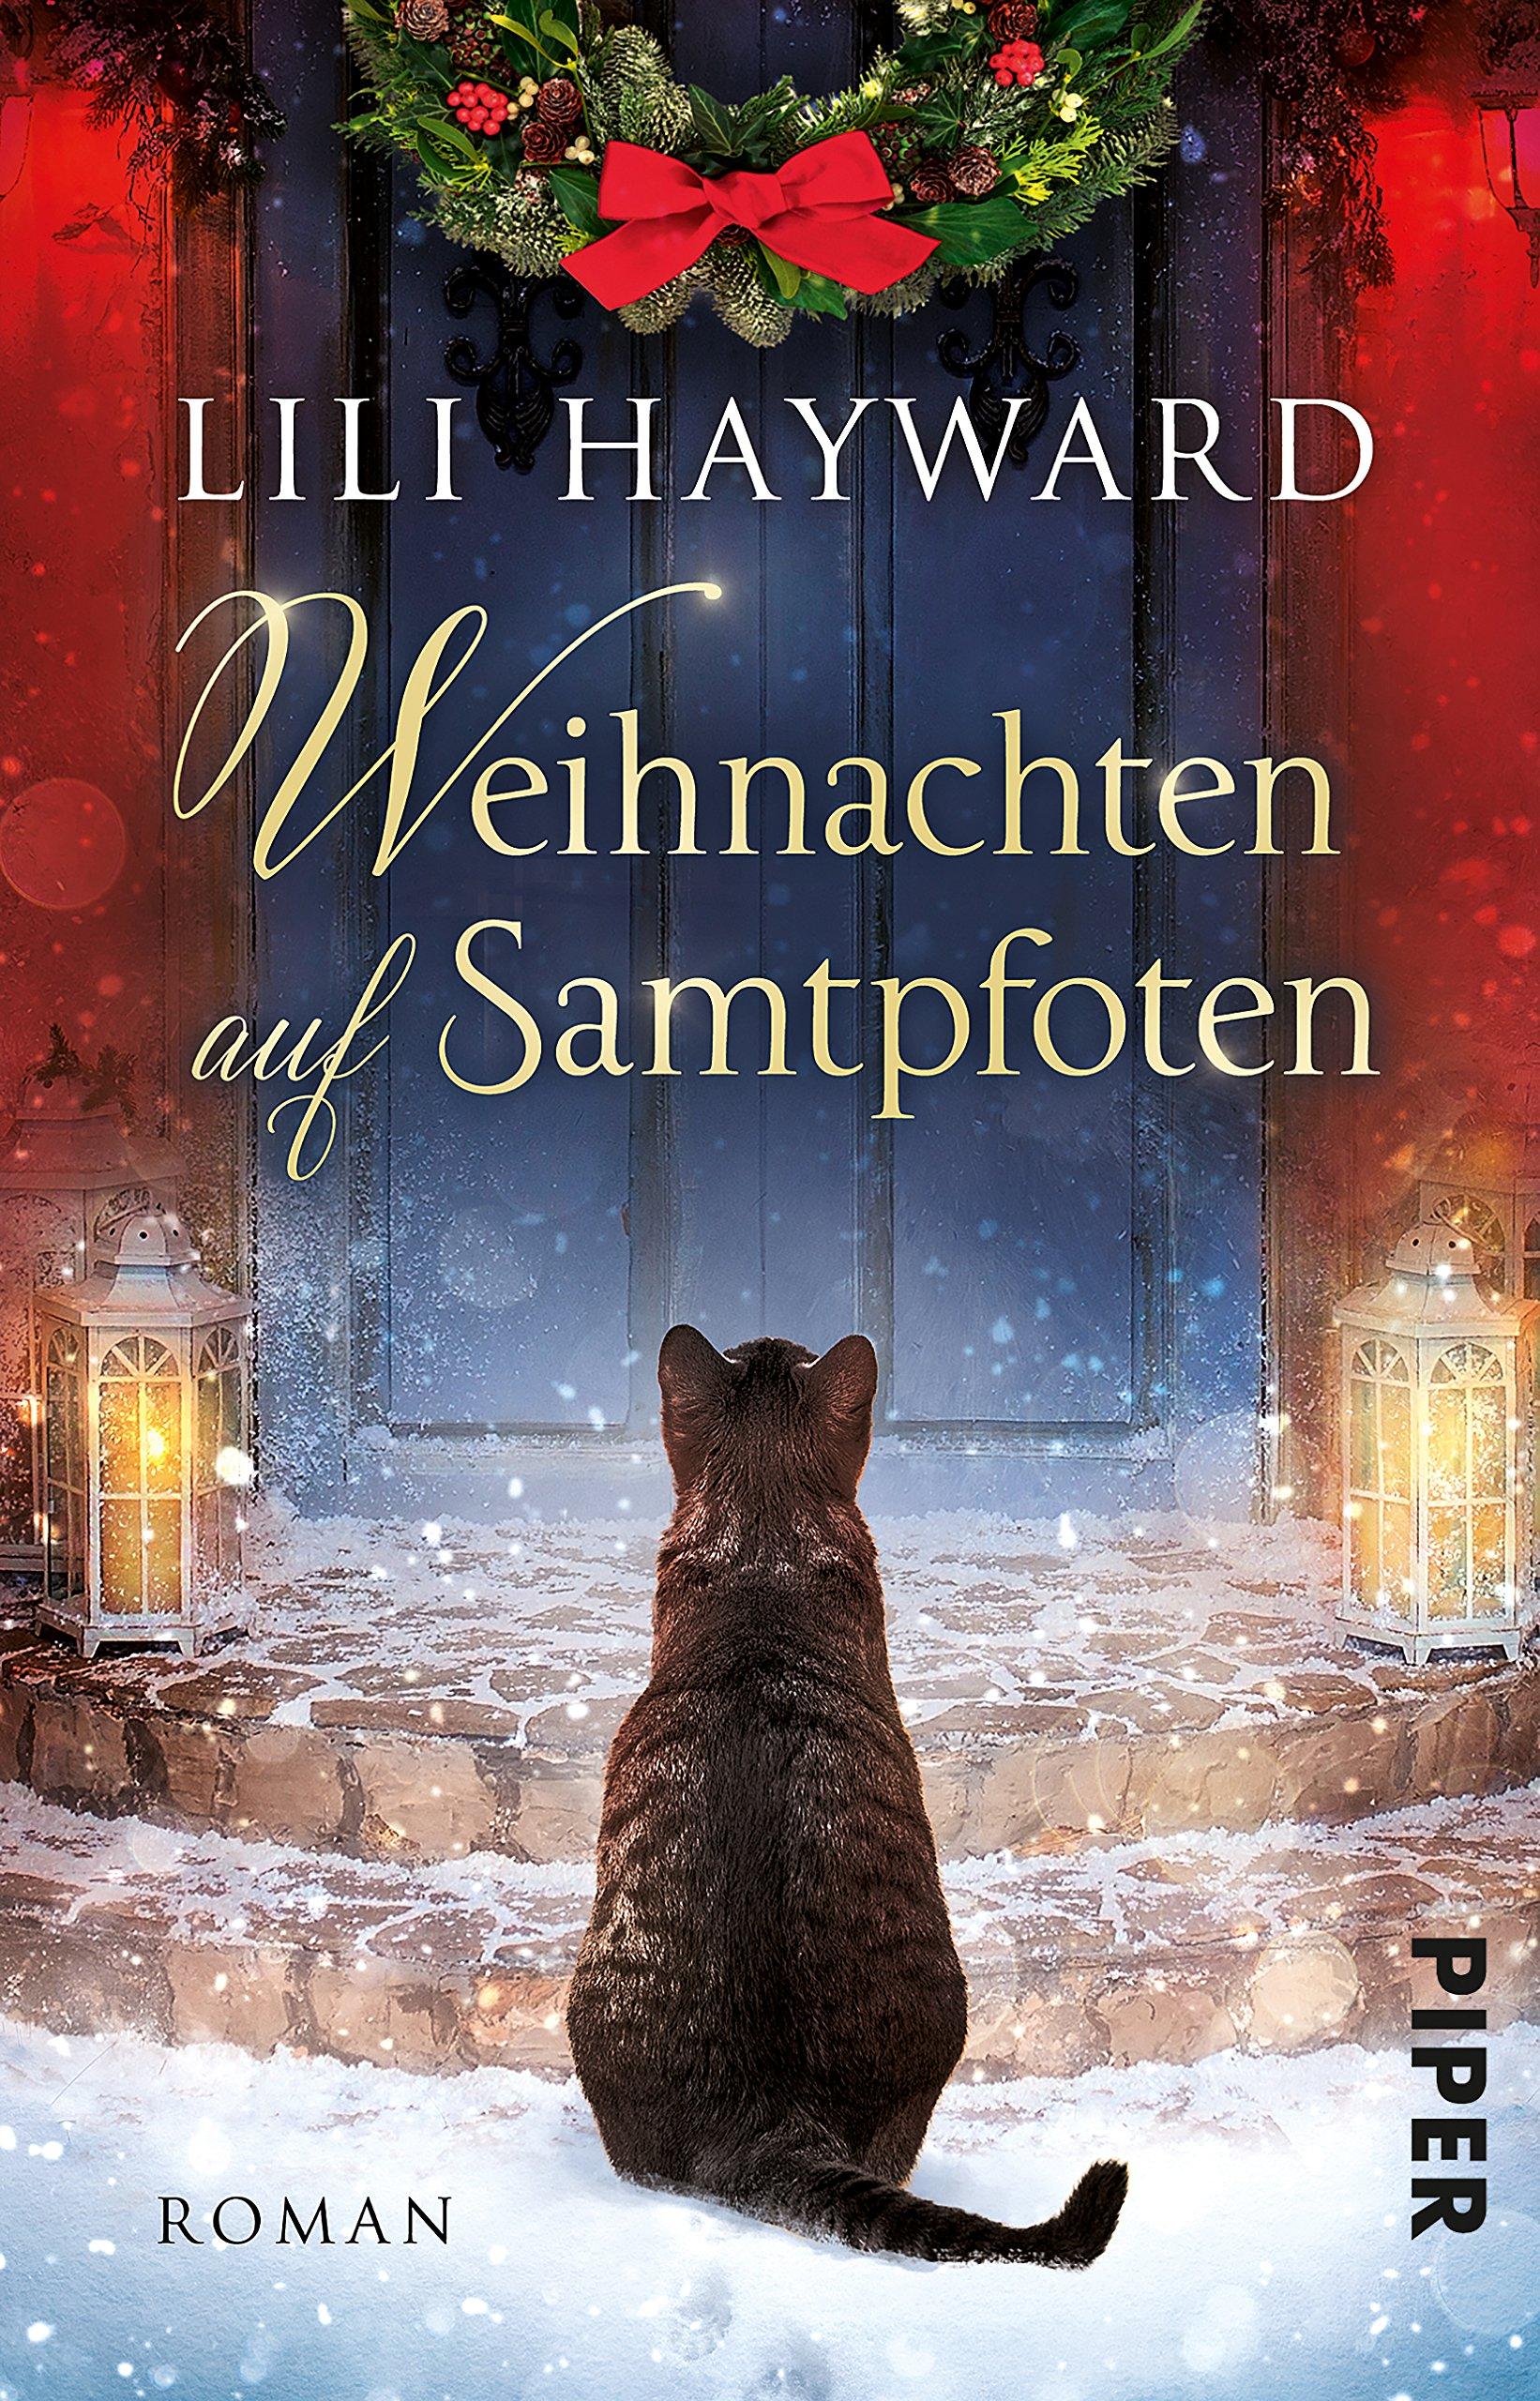 Weihnachten auf Samtpfoten: Roman: Amazon.de: Lili Hayward, Susanne ...